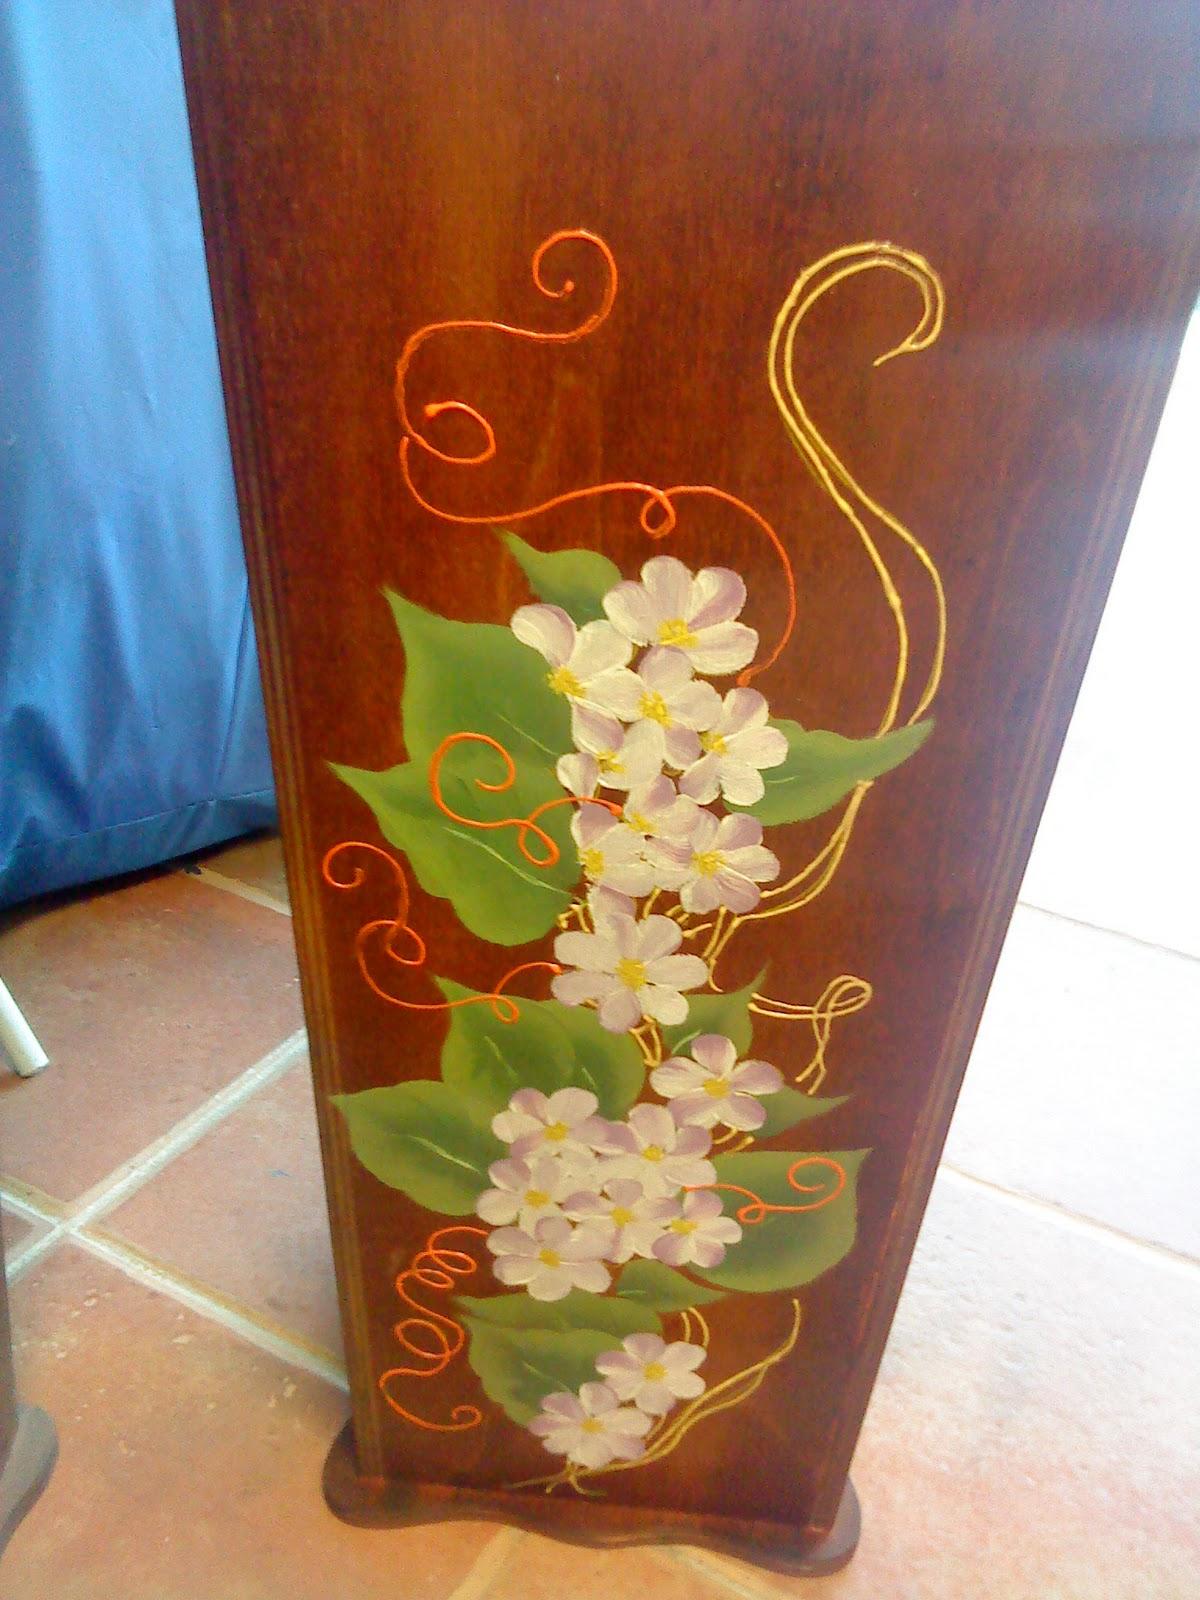 Artesania abona espejos parag eros y paraguas pintados a mano - Baules pintados a mano ...